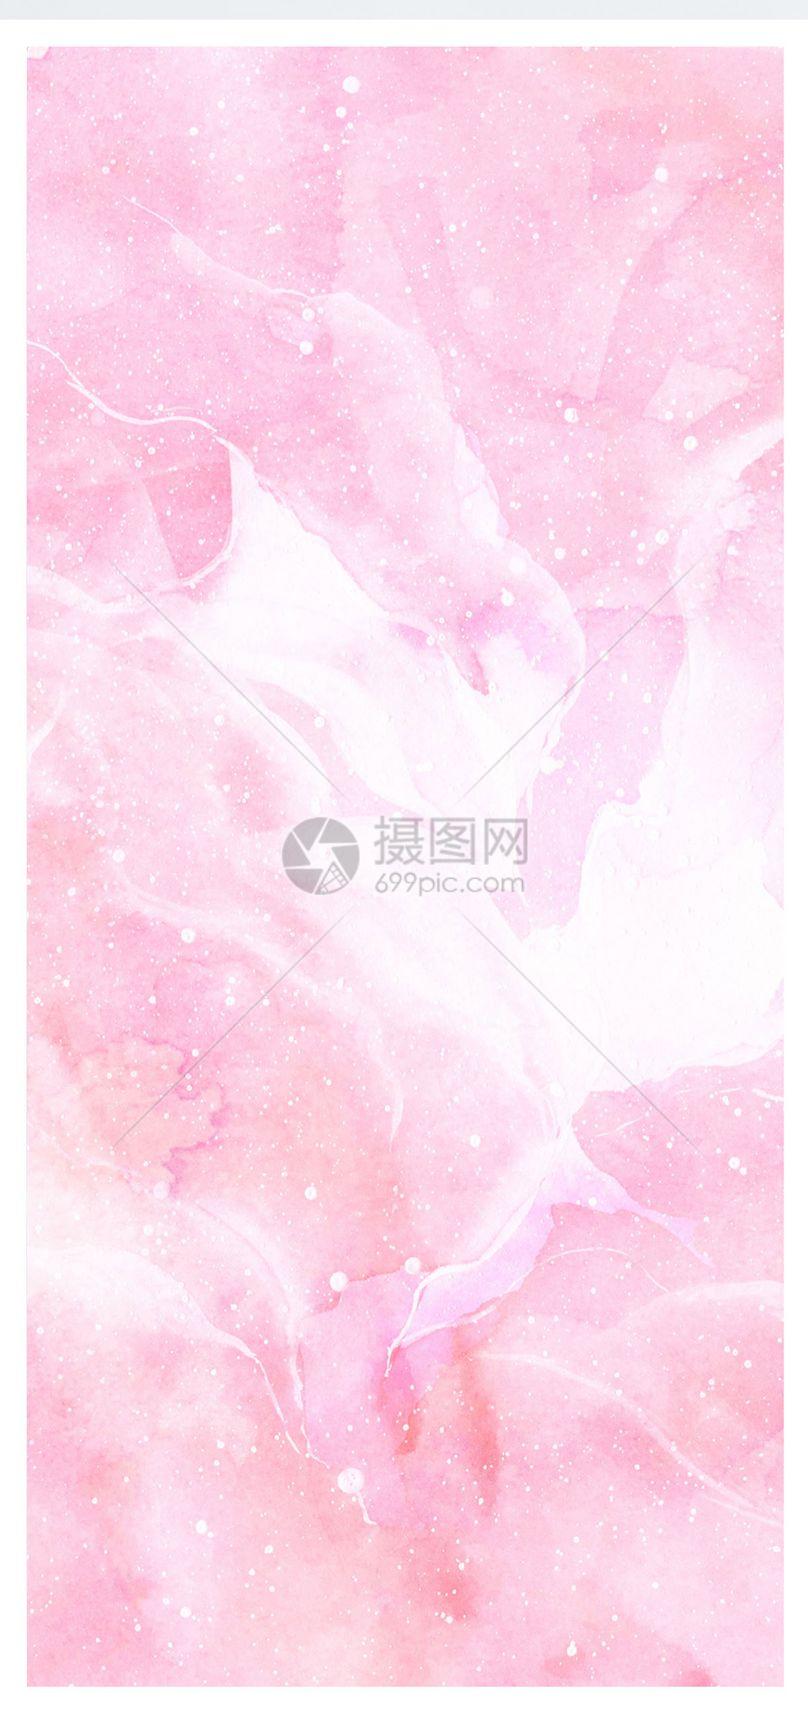 梦幻星空手机壁纸图片